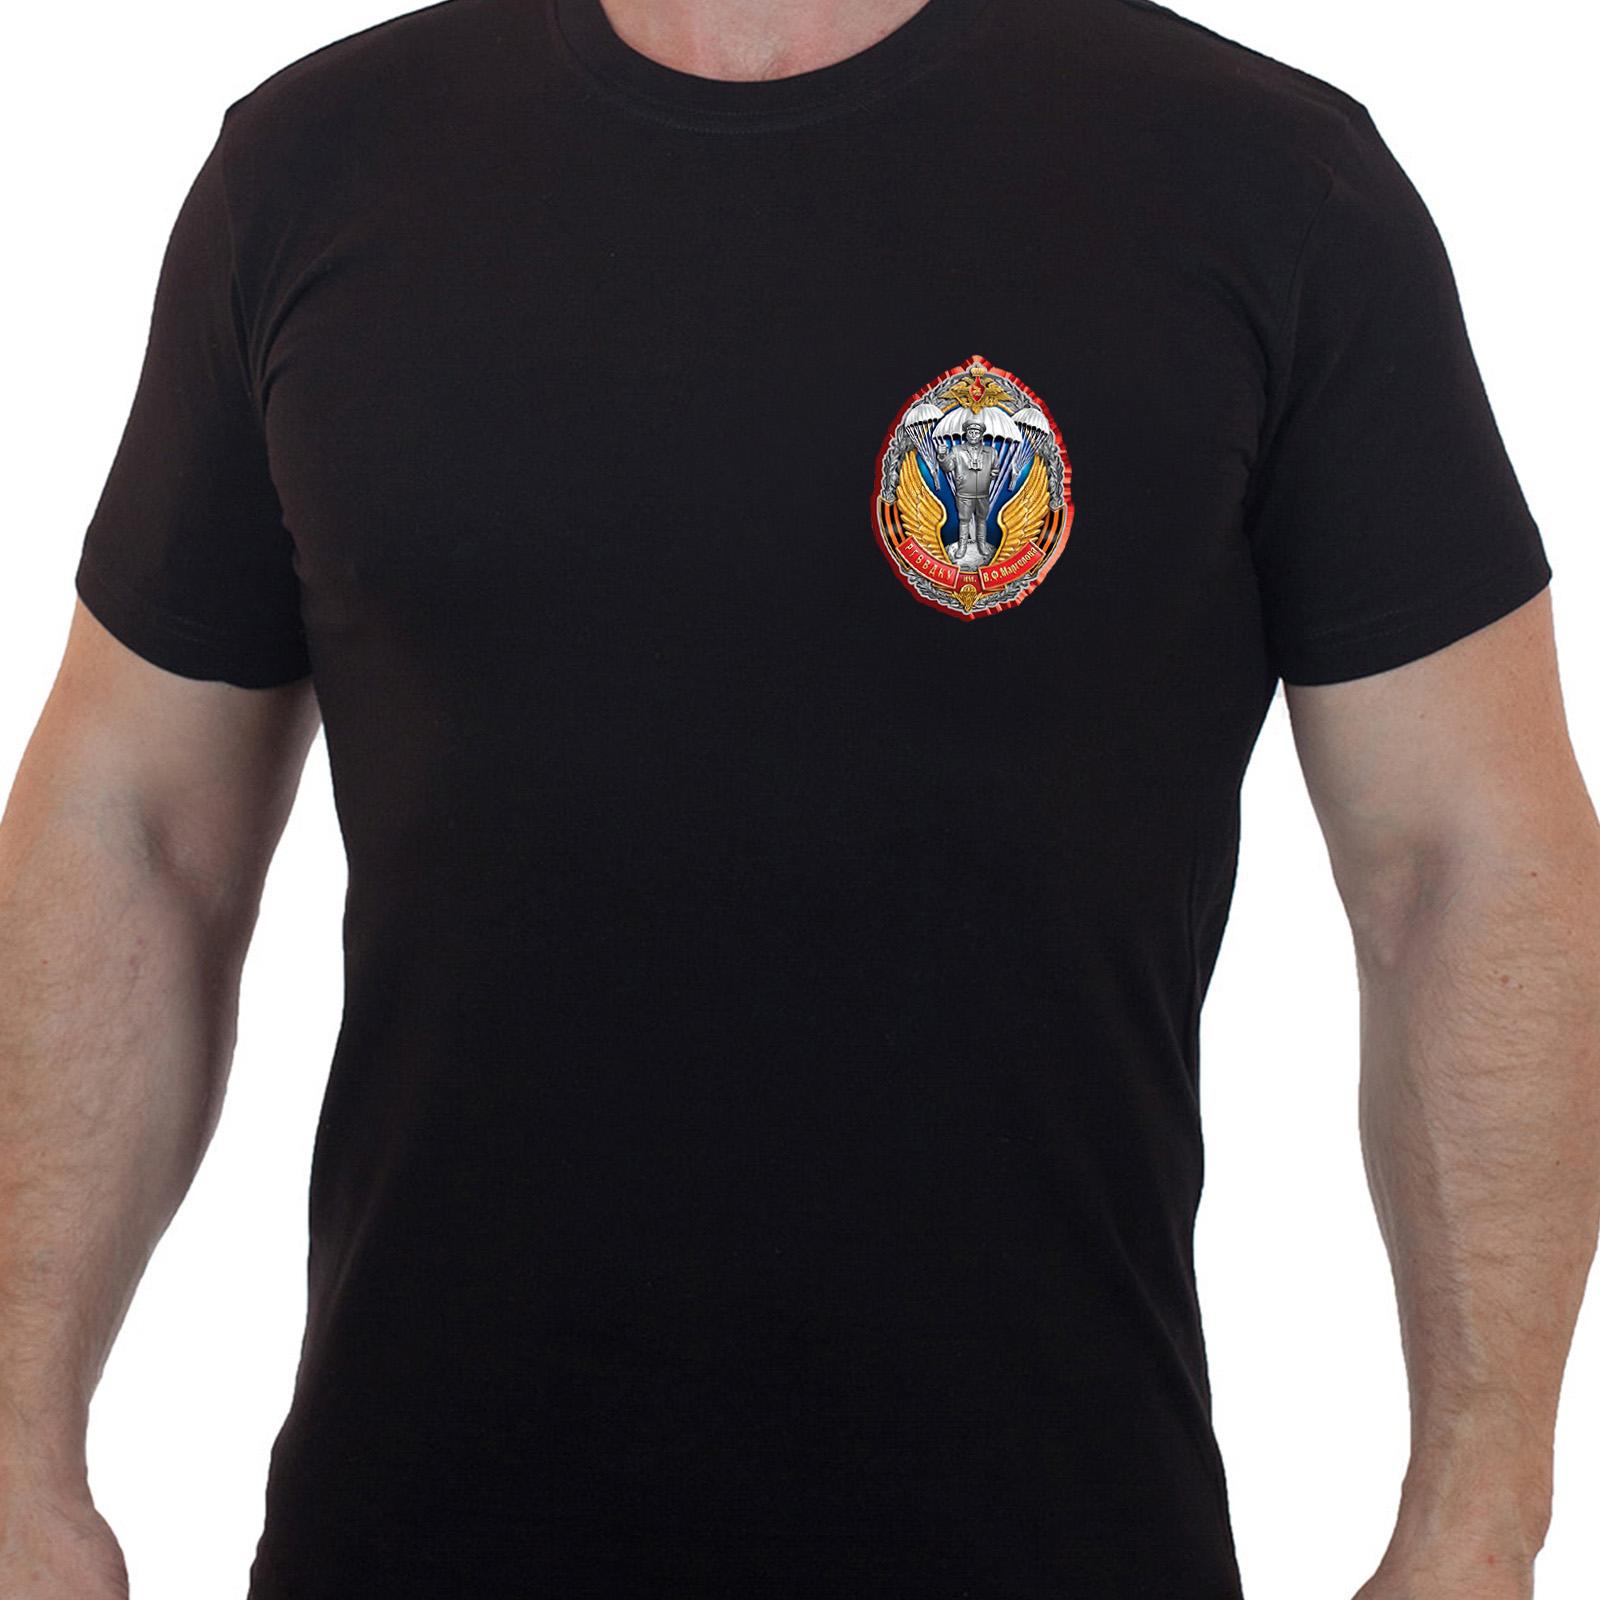 Топовая футболка РВВДКУ имени Маргелова